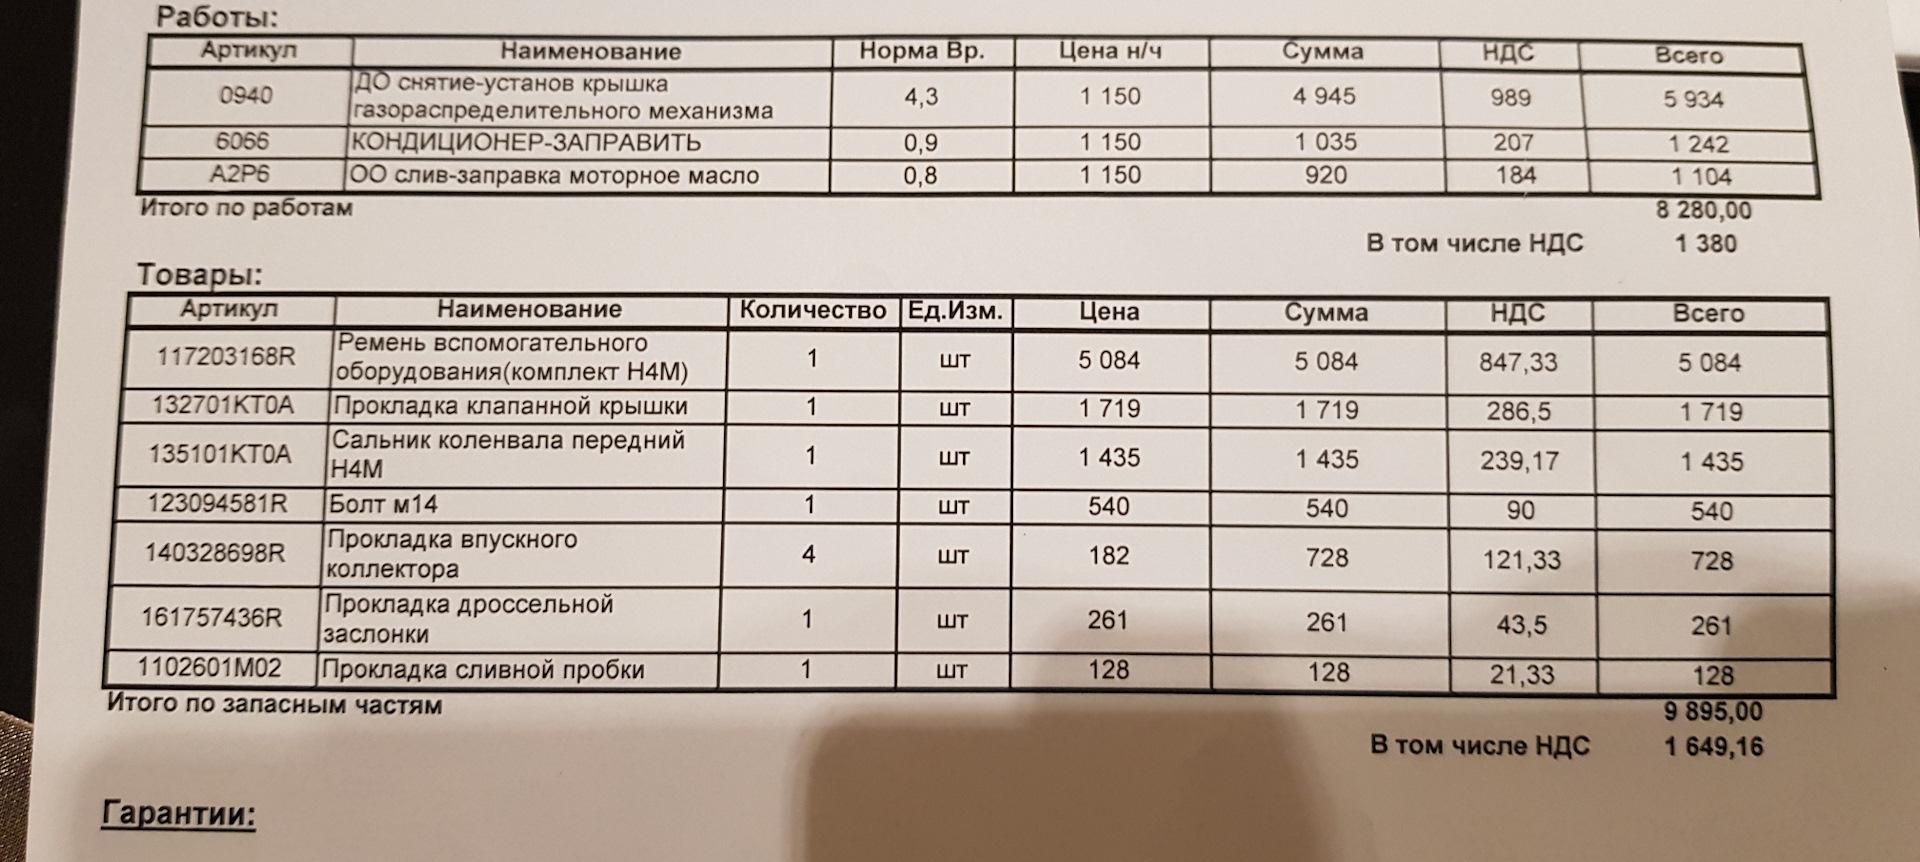 Часа renault нормо стоимость квт в иркутске в 1 стоимость час